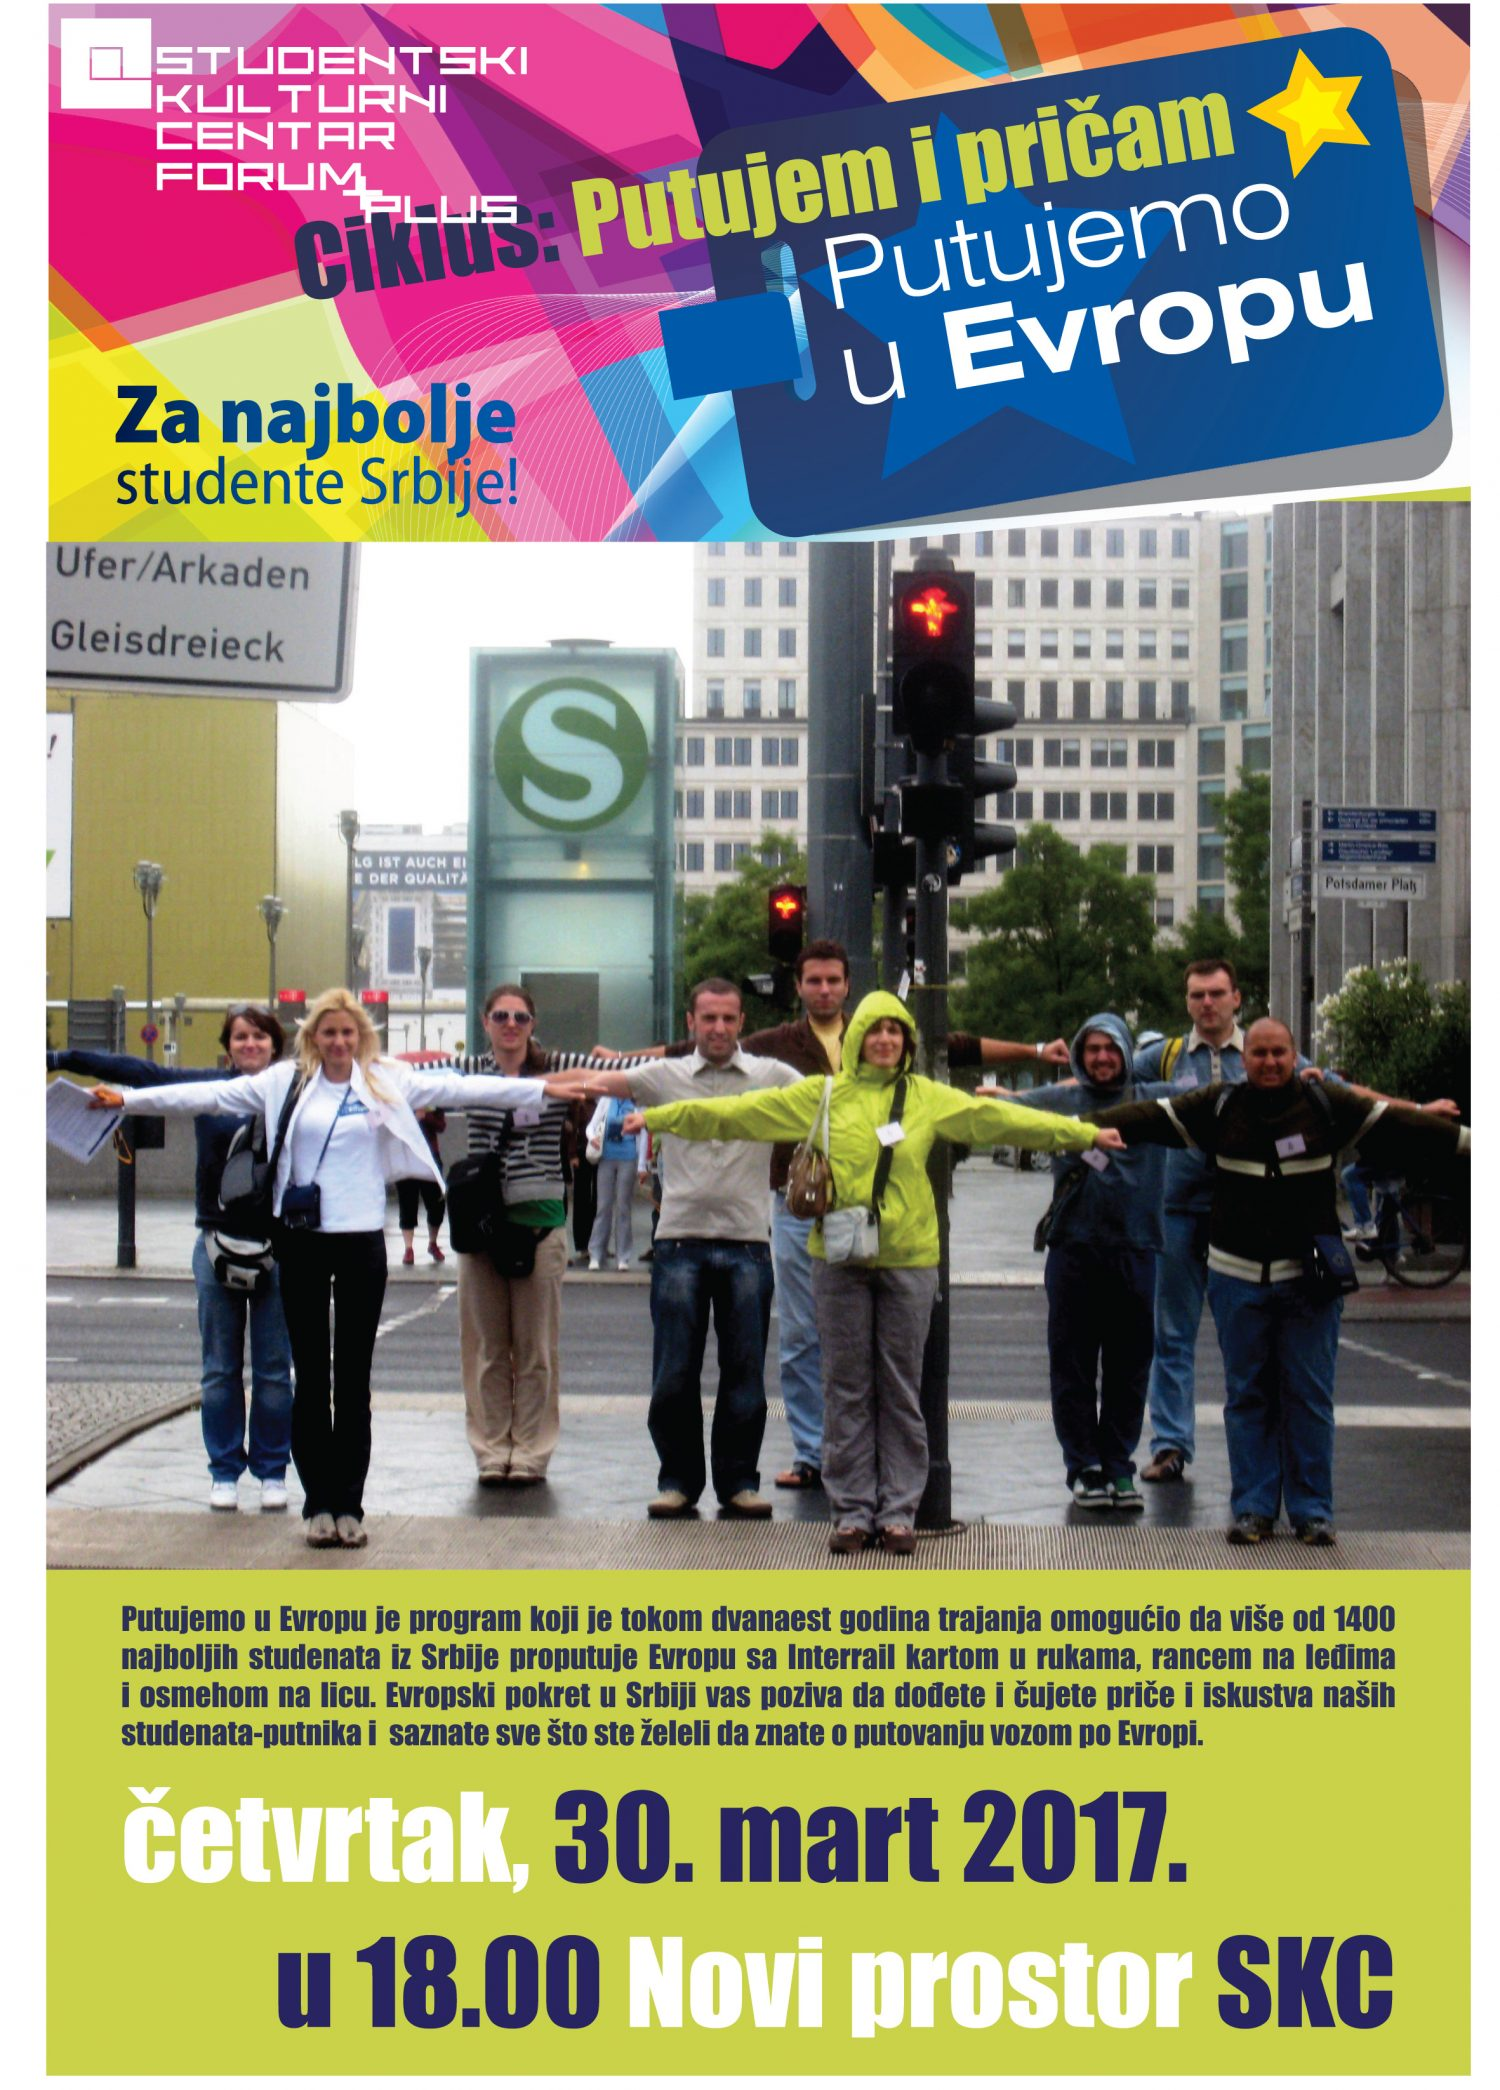 Putujemo u Evropu